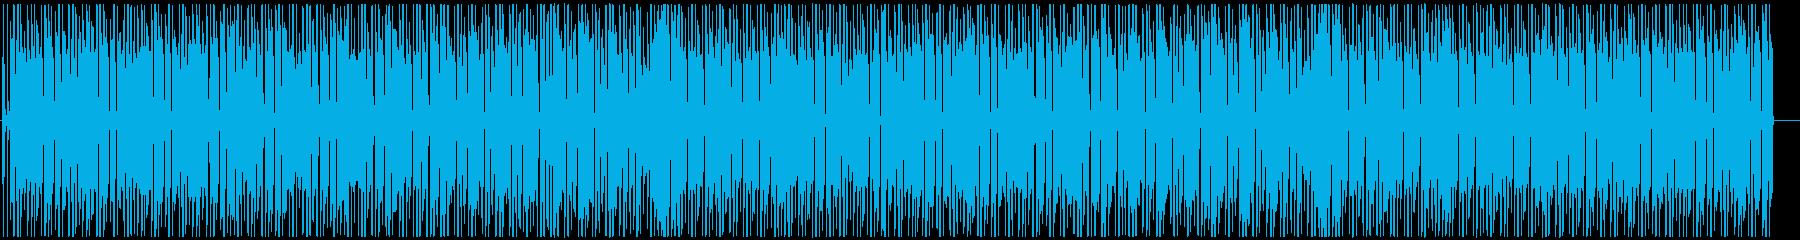 レゲエ 夏の午後ゆったりVIBESの再生済みの波形